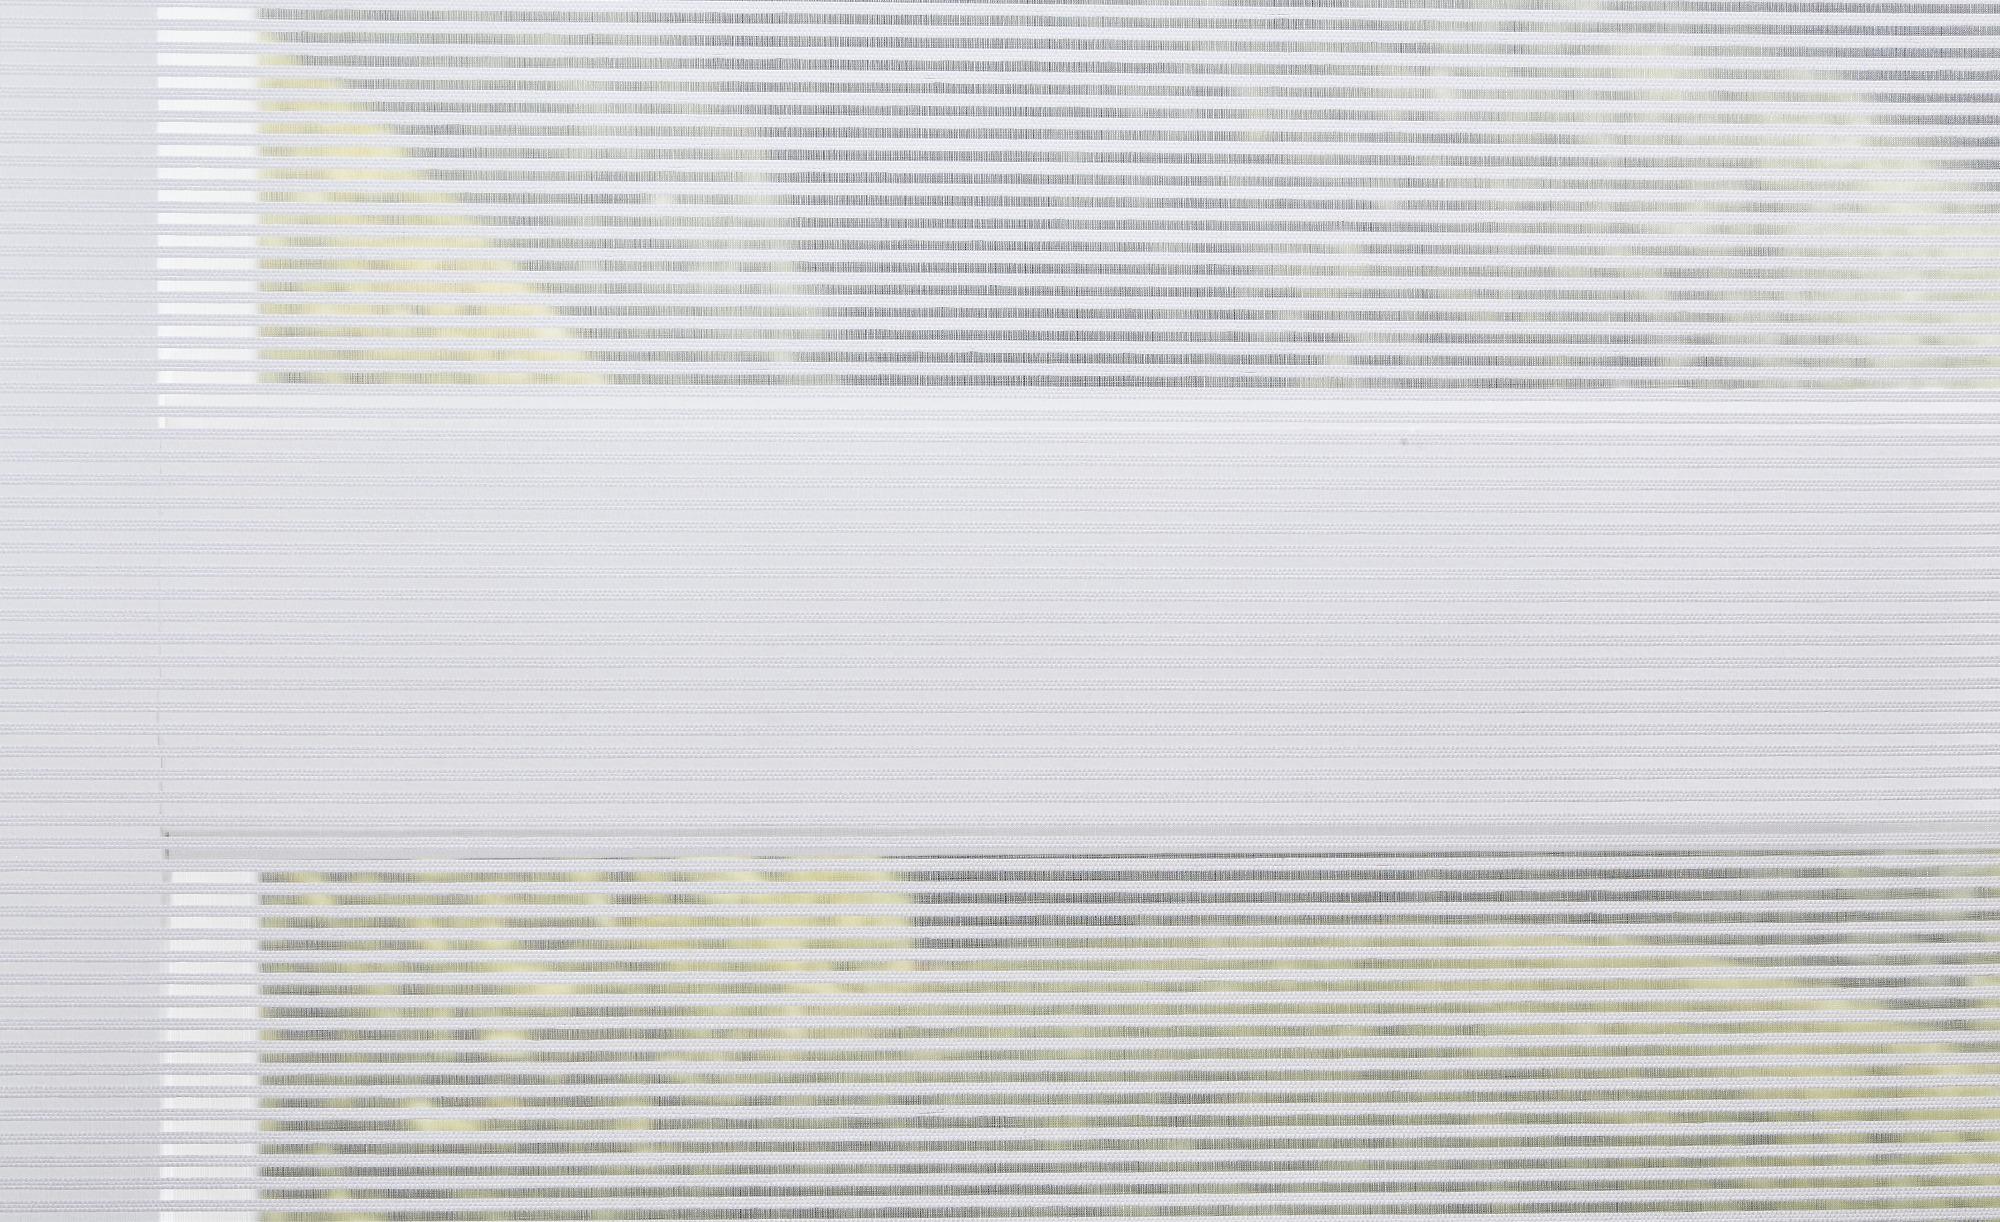 Panello  Uno 3 ¦ grau ¦ 100% Polyester ¦ Maße (cm): B: 60 Gardinen & Vorhänge > Gardinen & Fertigstore > Schiebegardinen - Höffner